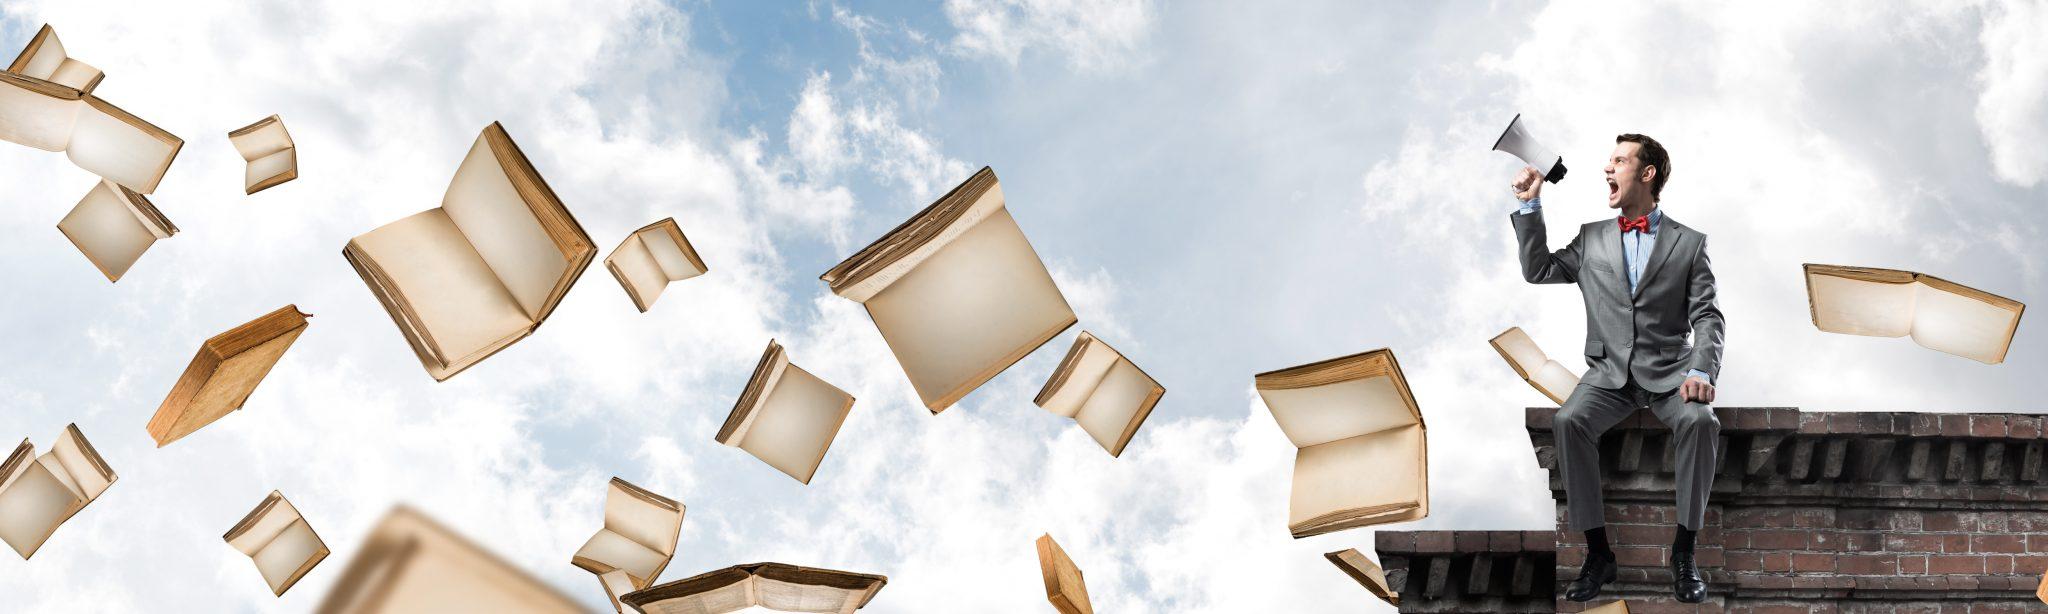 Mann sitzt mit Lautsprecher auf Dach mit fliegenden Büchern